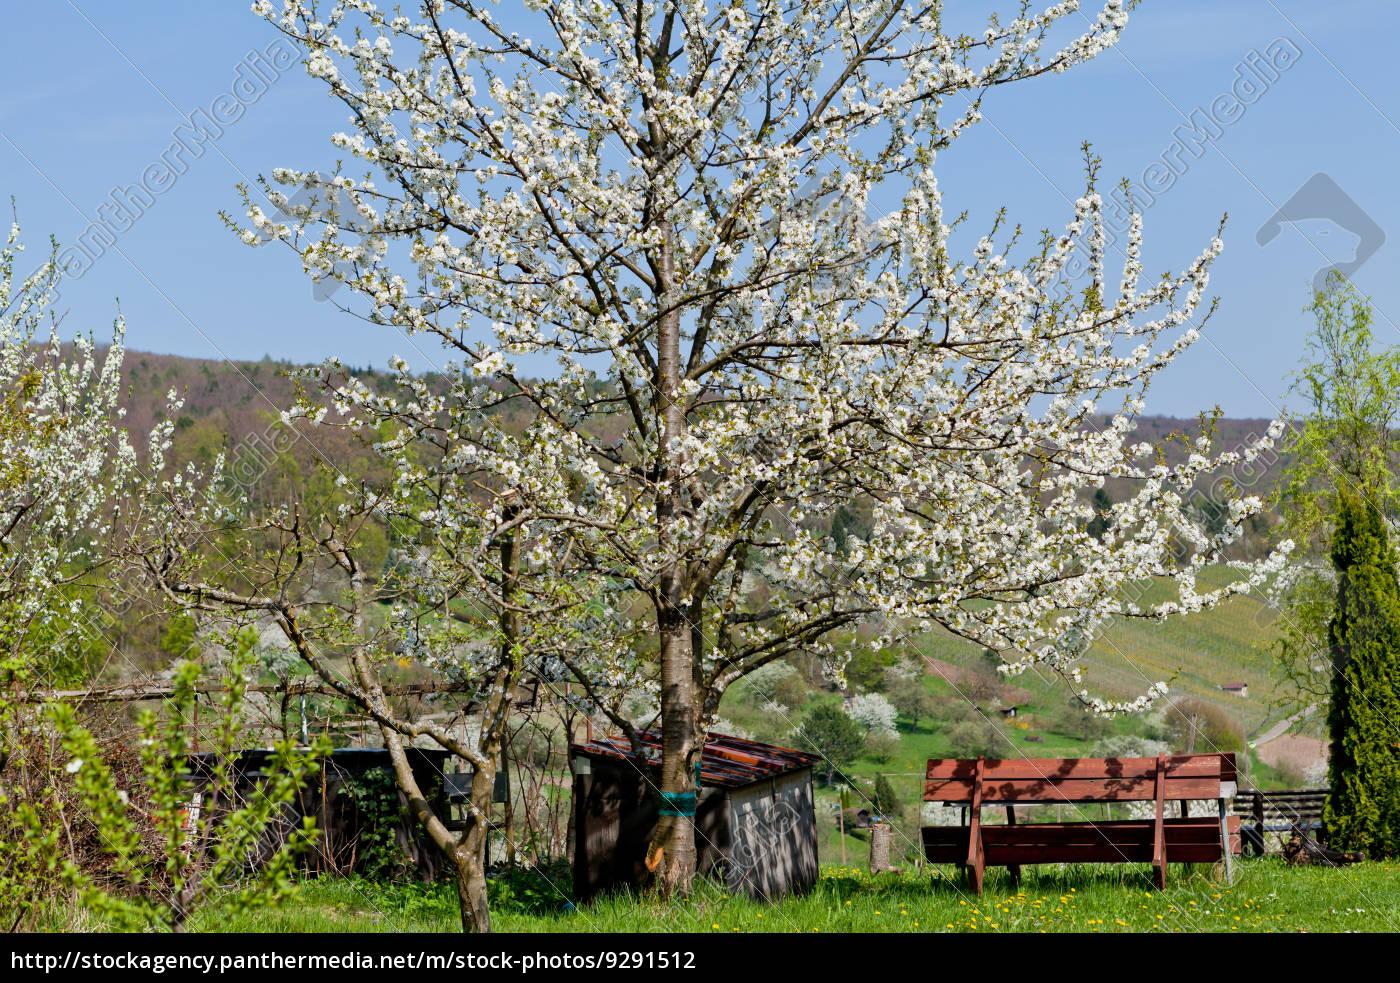 baum obstbaum kirschbaum mit wei en bl ten auf einer lizenzfreies foto 9291512. Black Bedroom Furniture Sets. Home Design Ideas